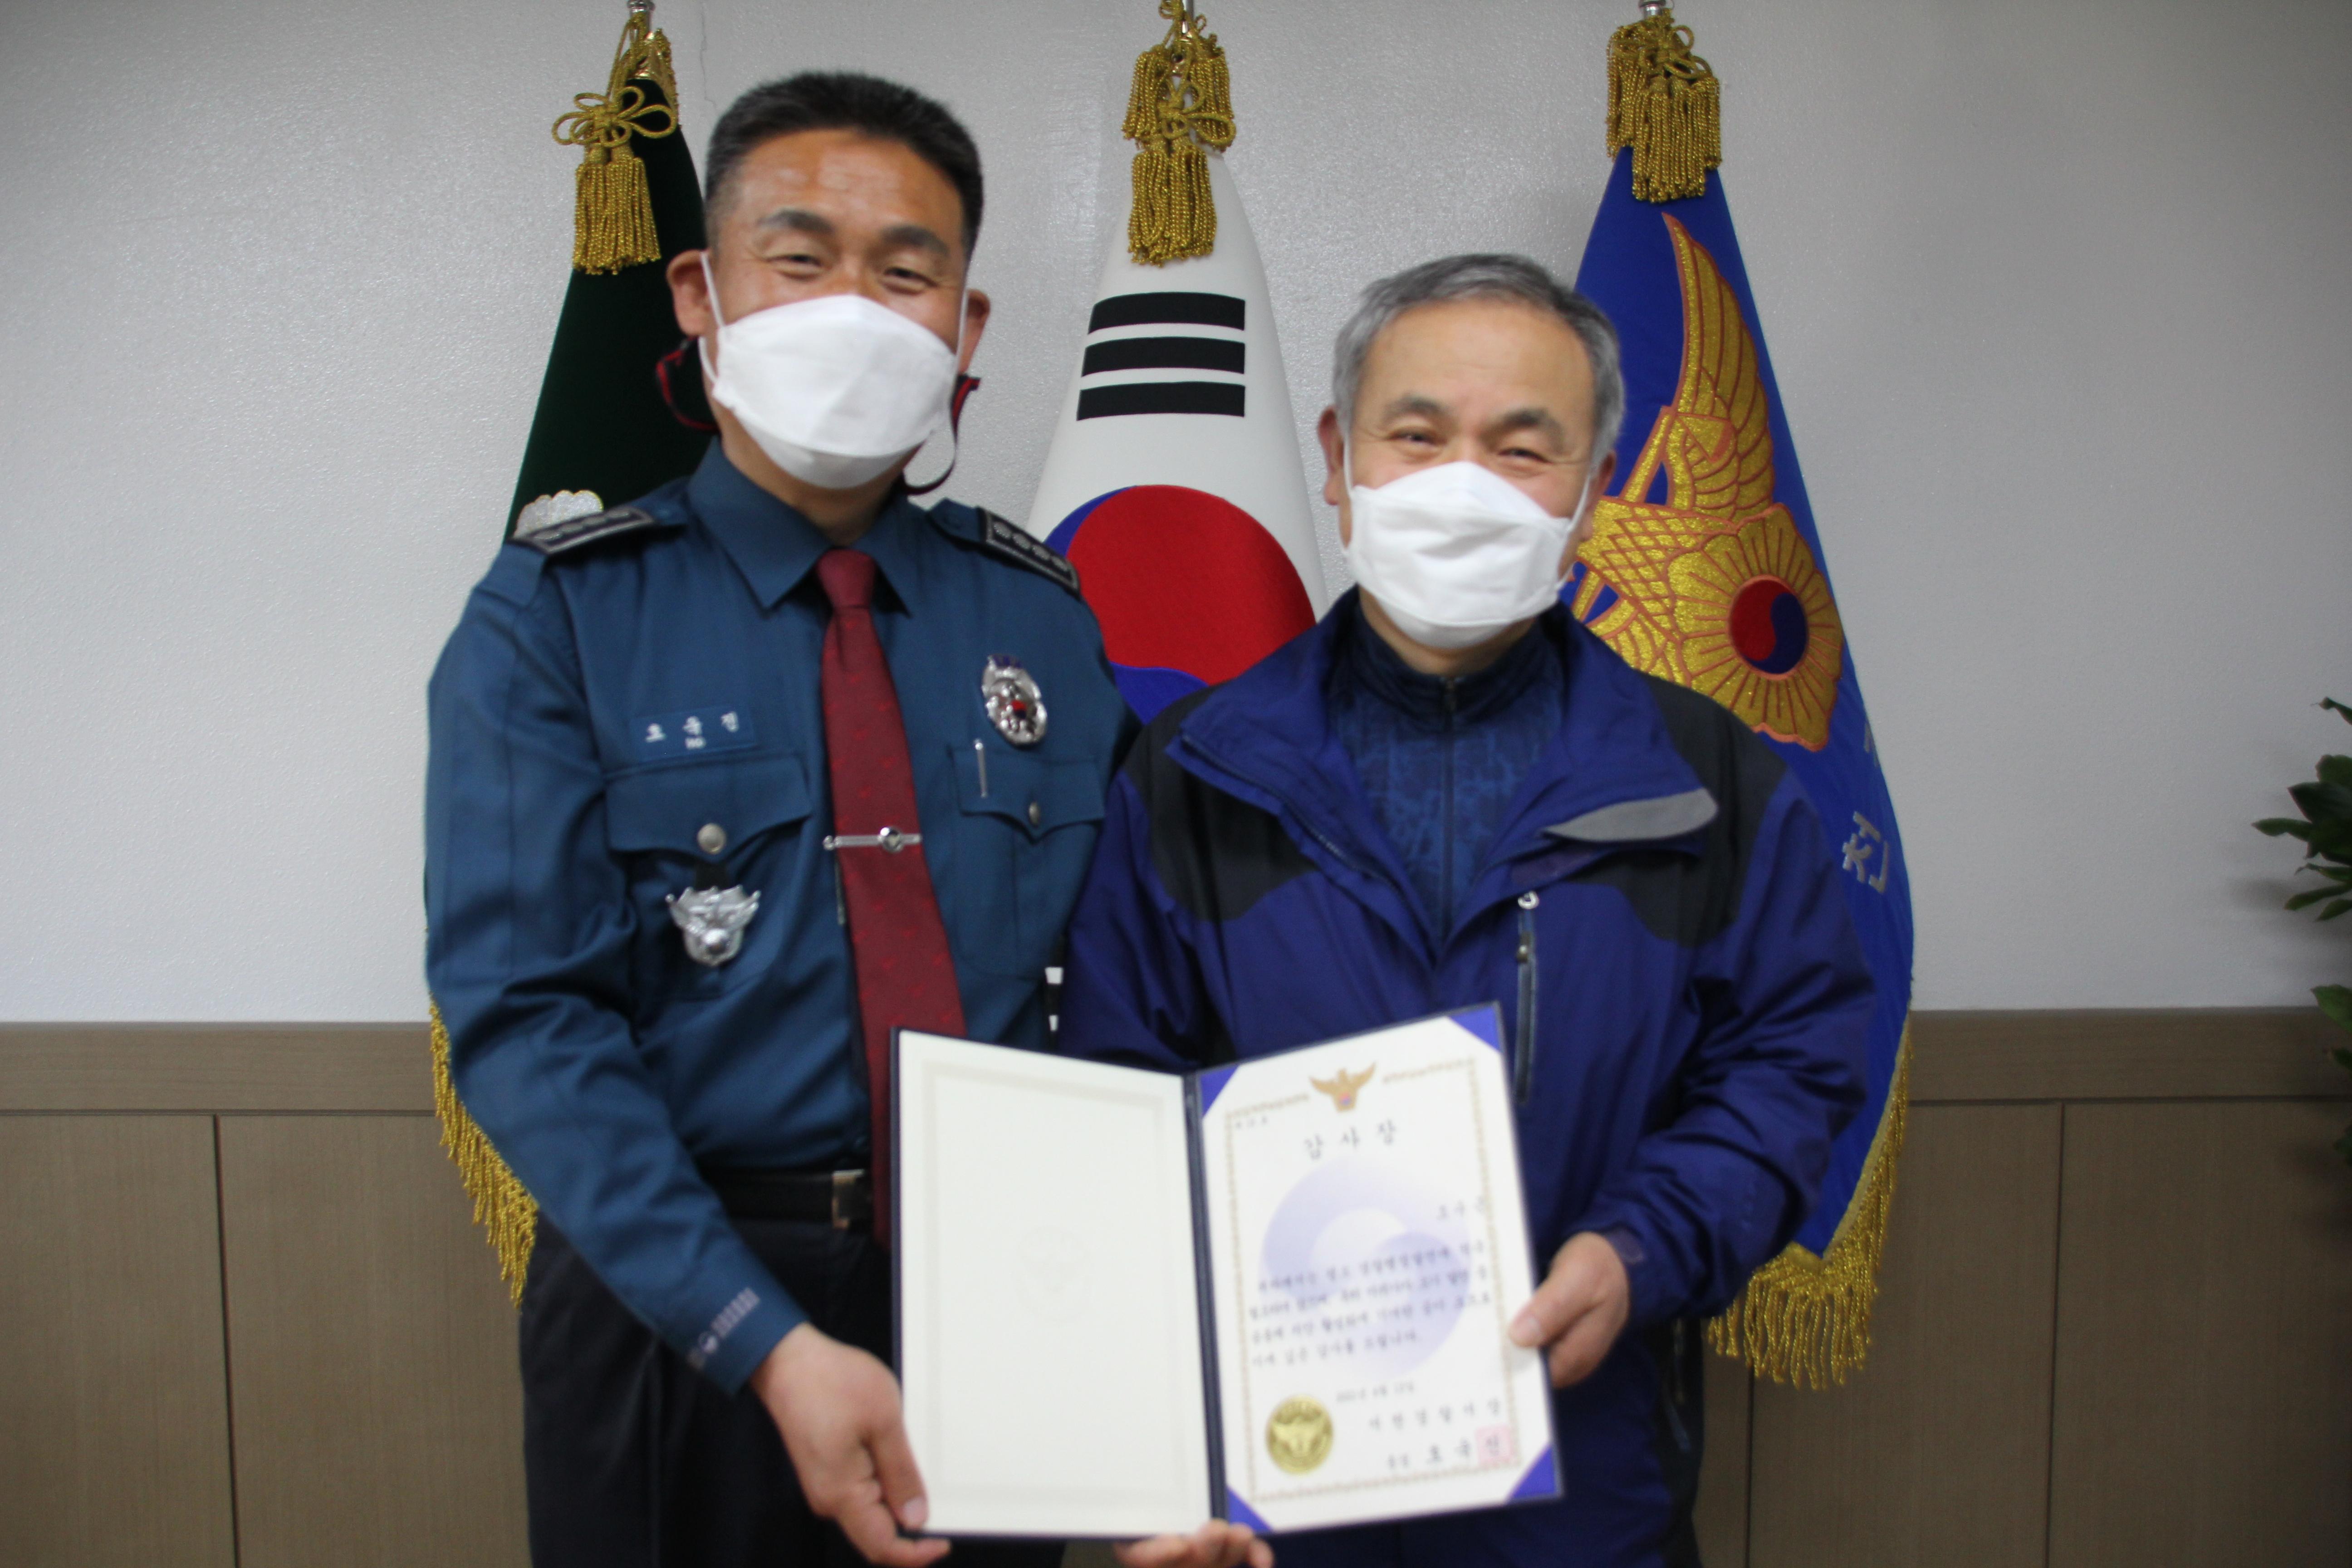 21.4.13.민간인 감사장 전달